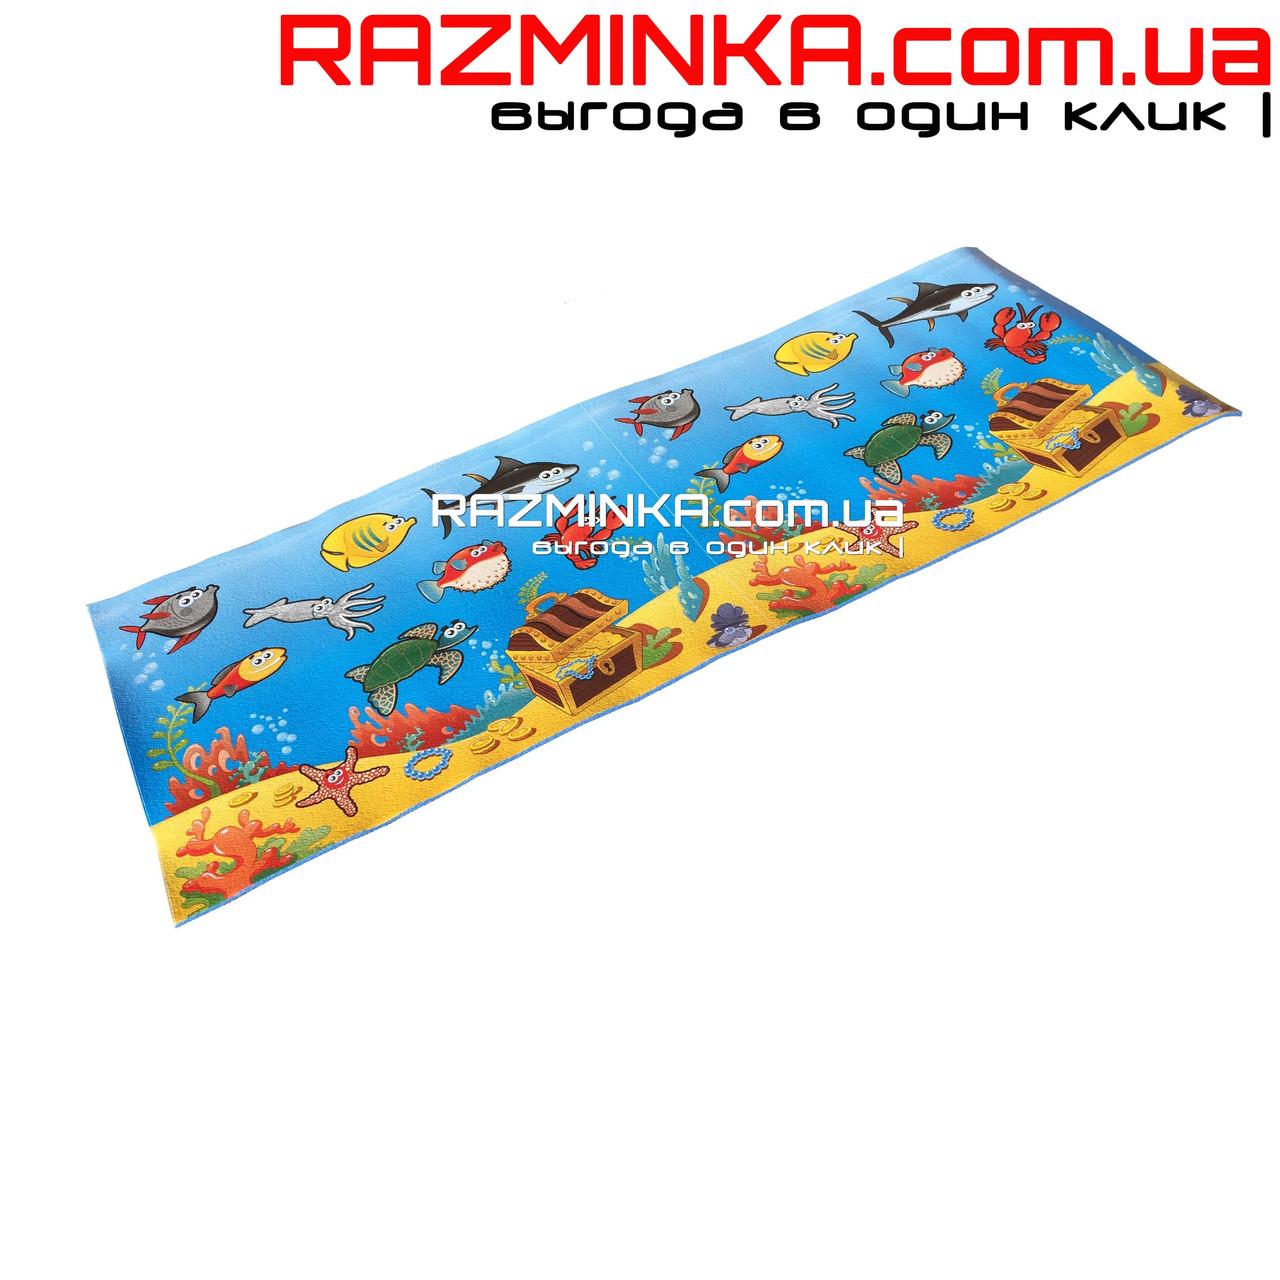 Детский игровой коврик Морское дно 135х50cм, толщина 5мм